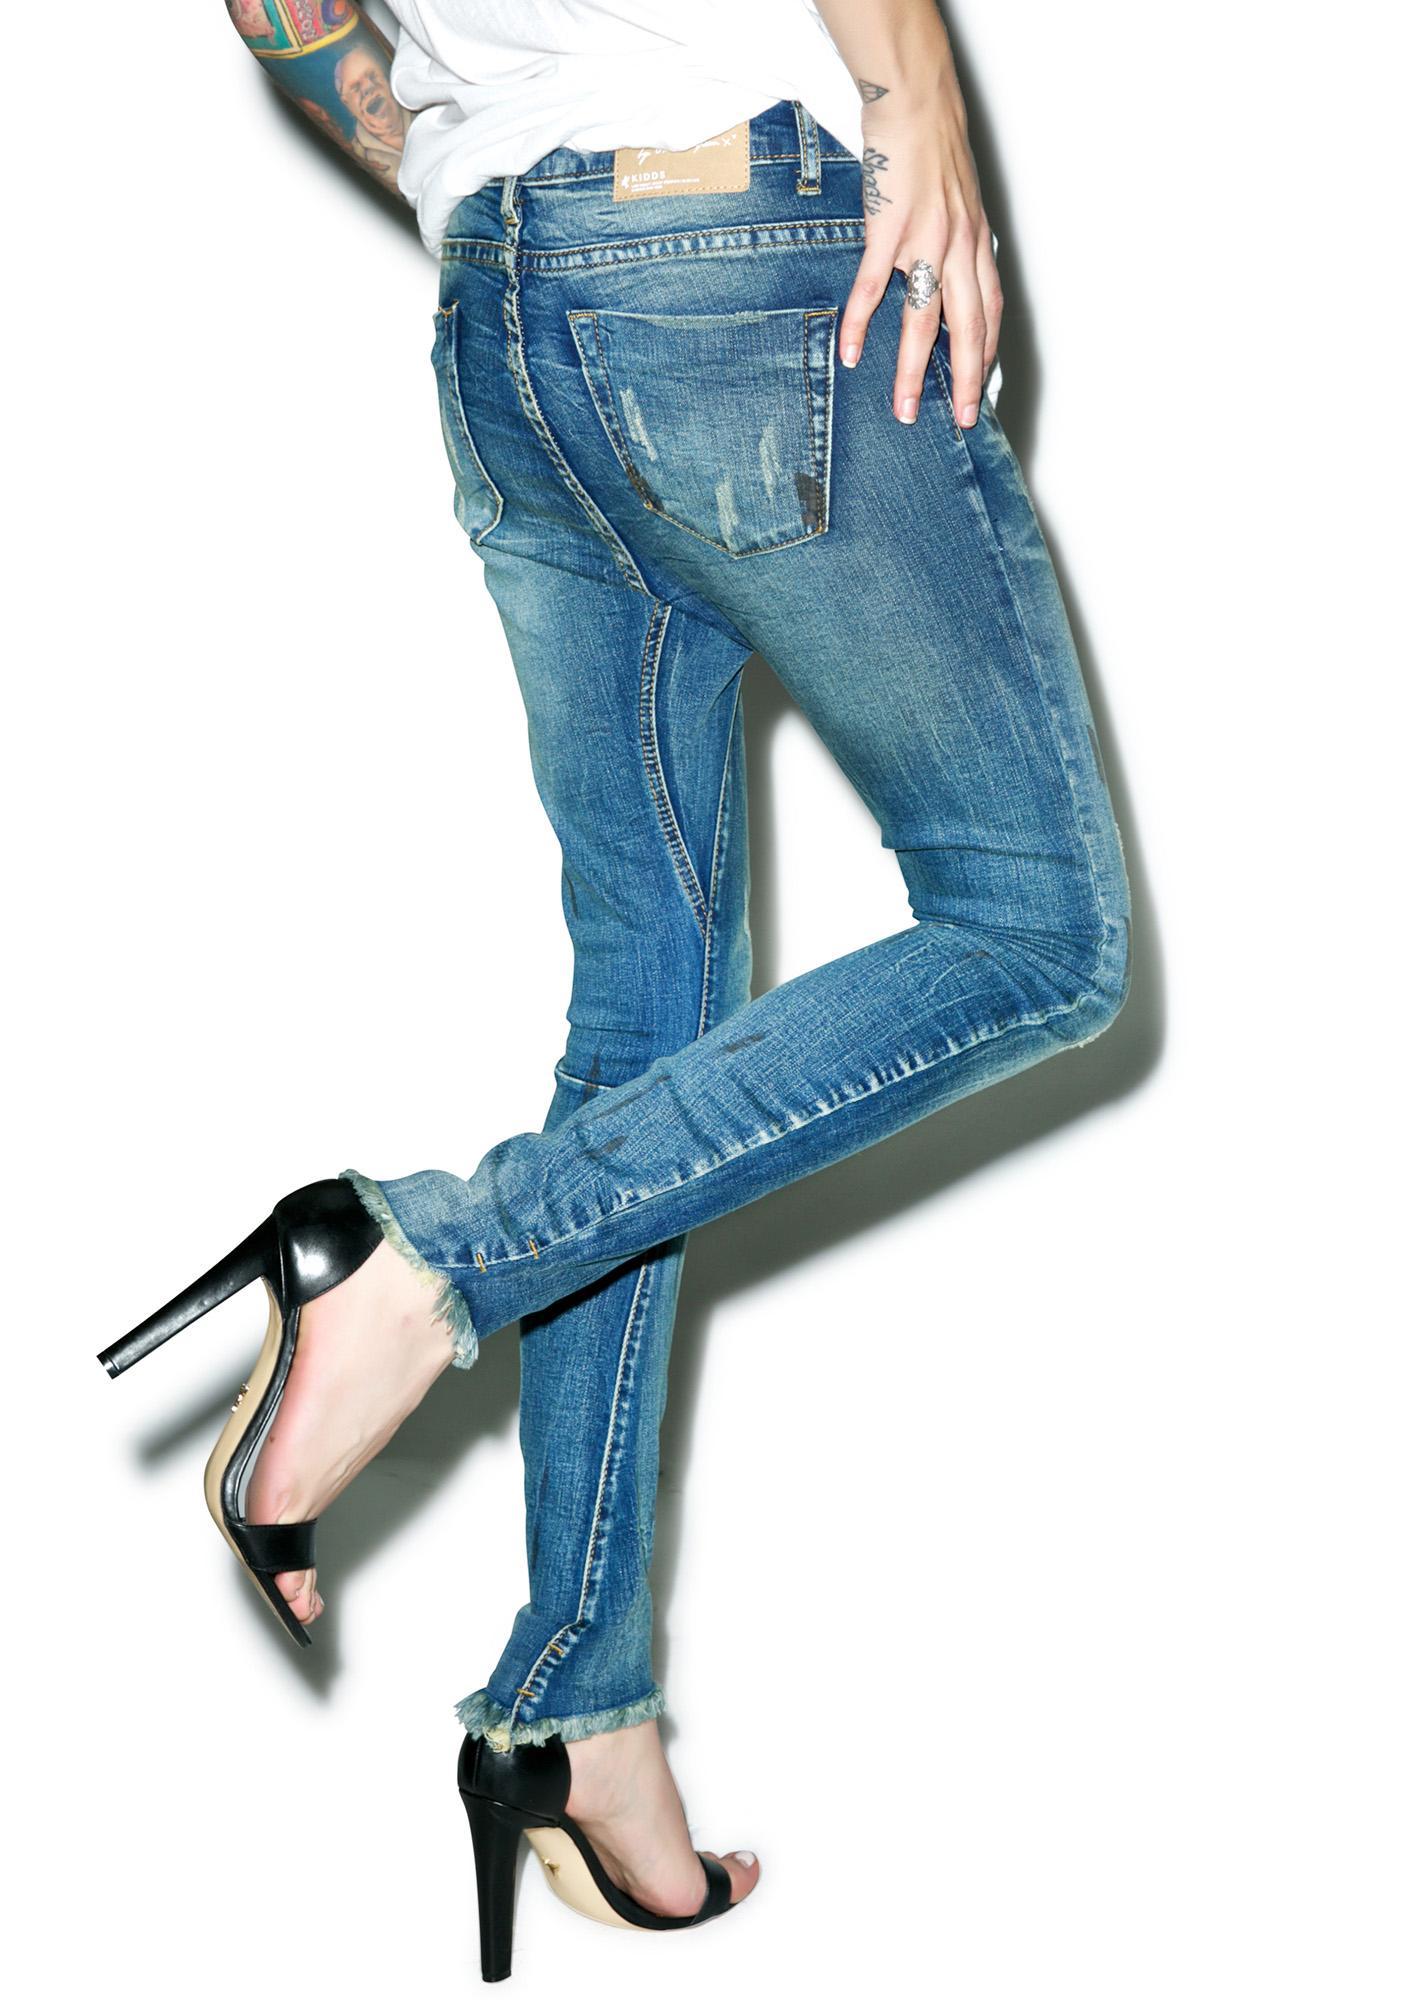 One Teaspoon Blue Marine Kidd Jeans